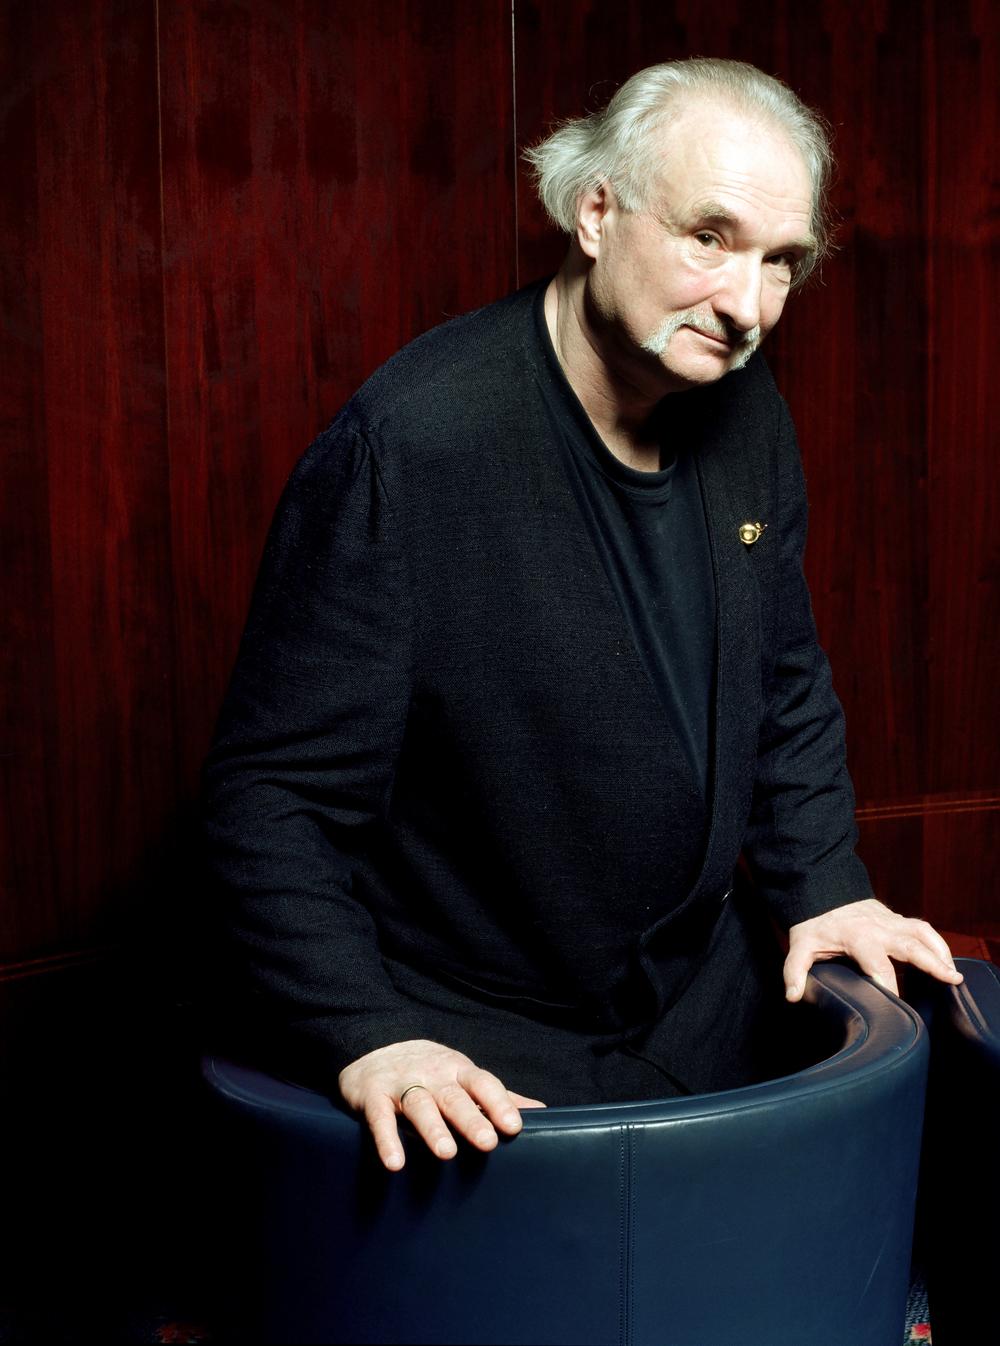 Holger Csukay